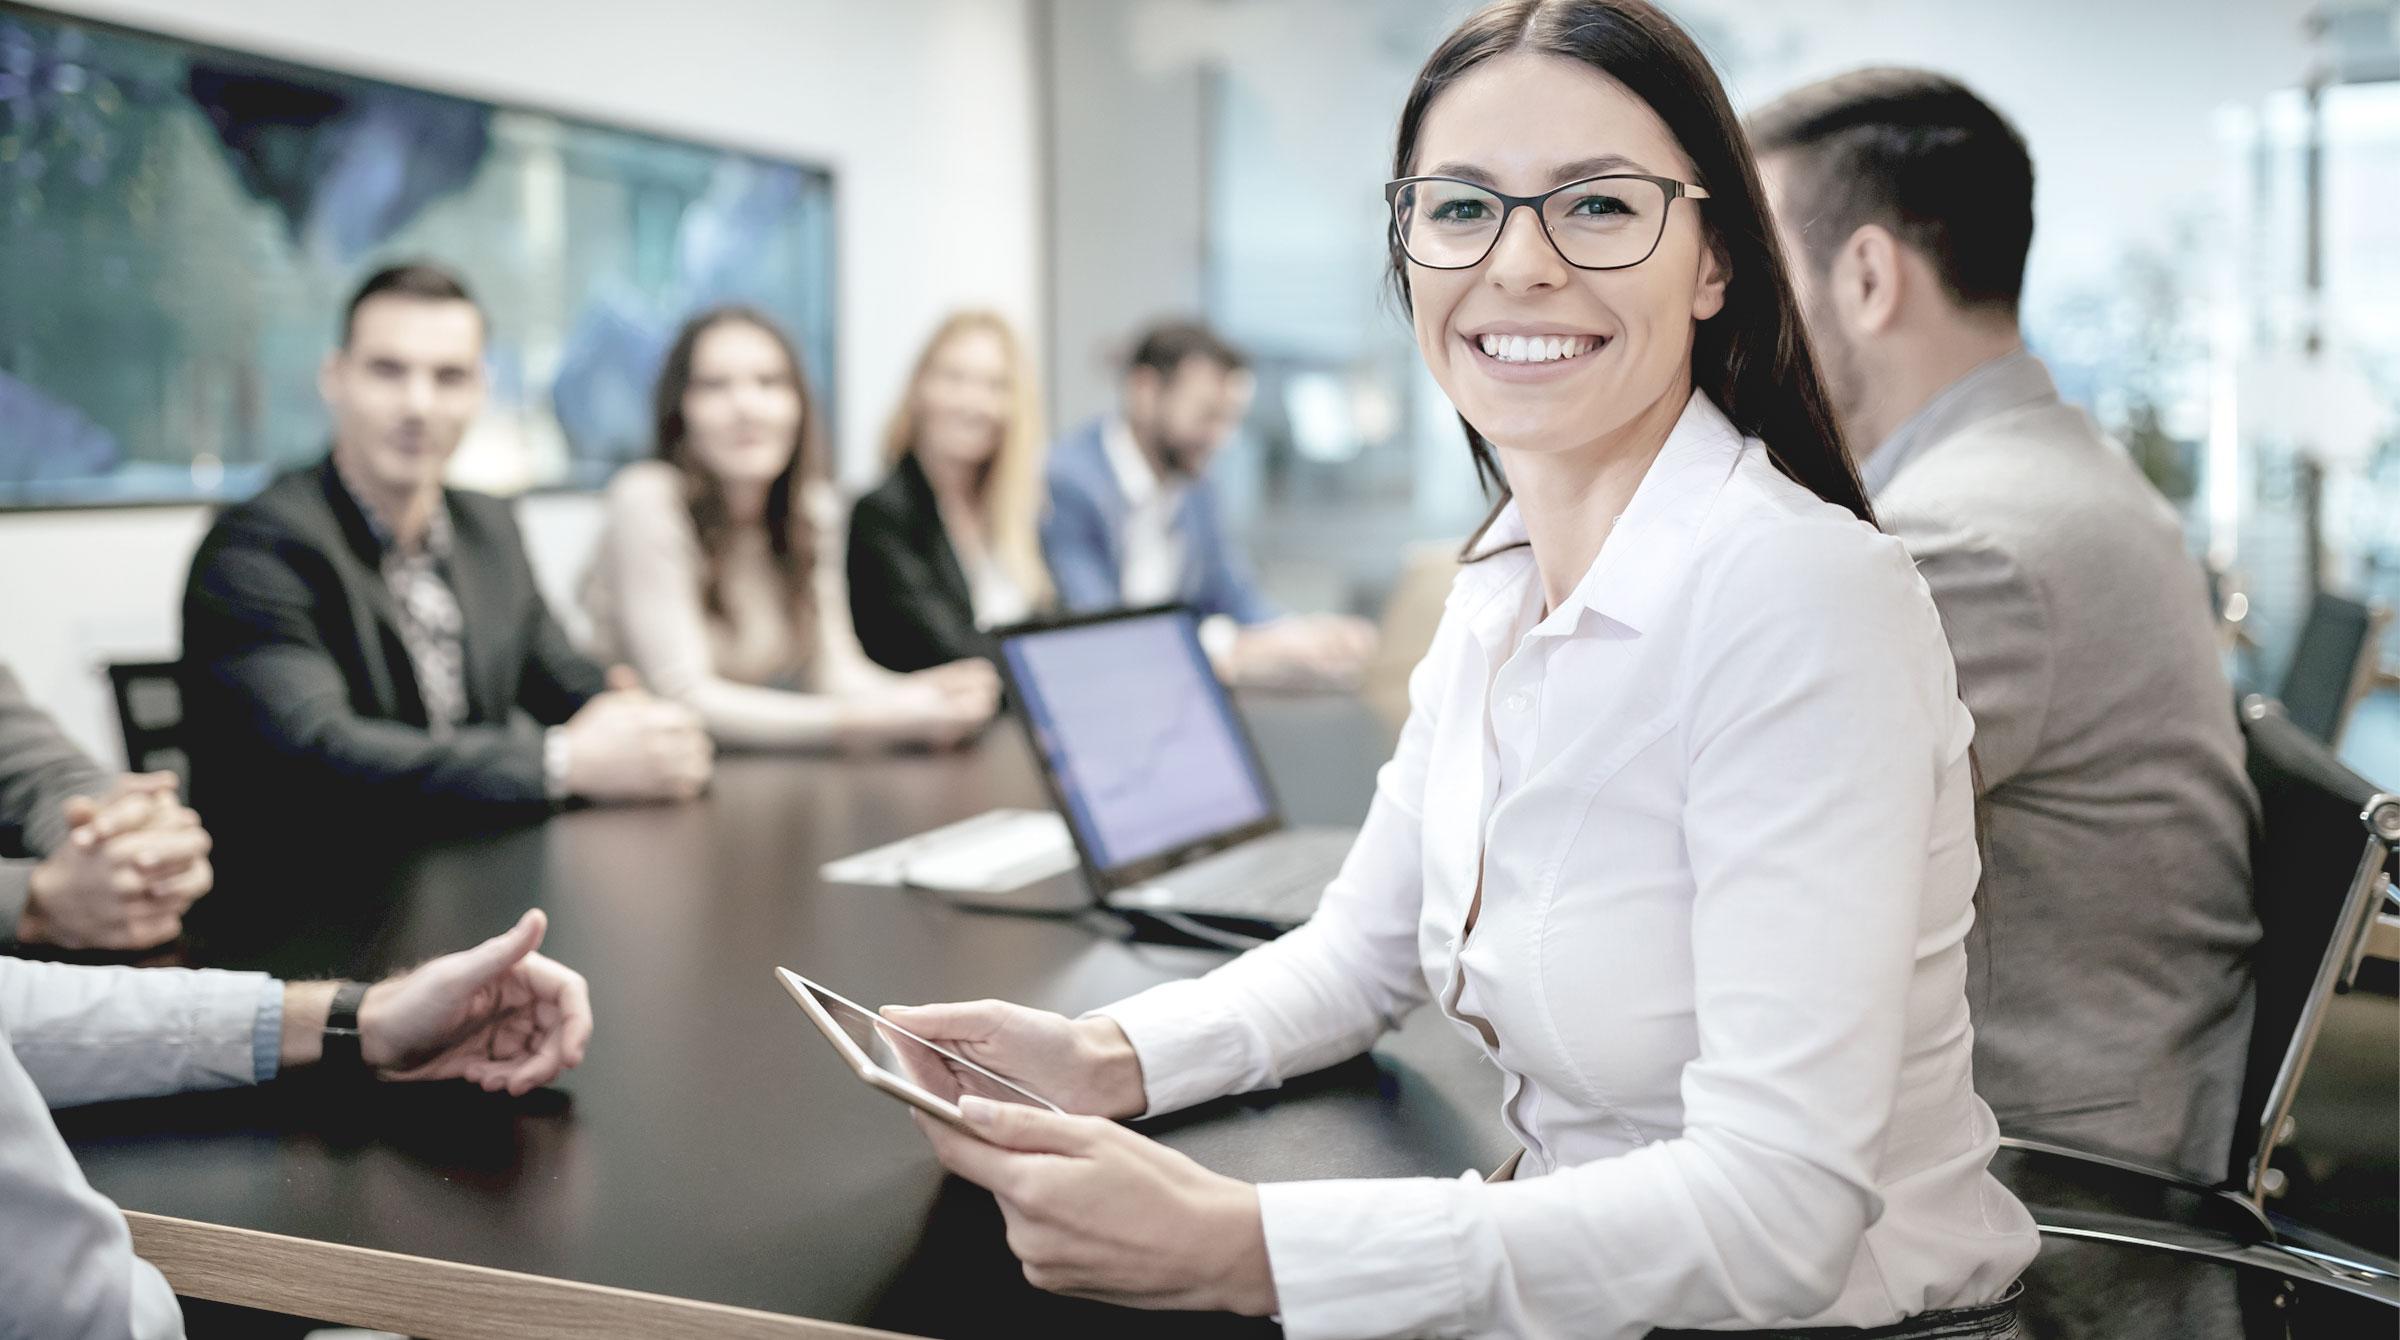 Mit einer Berufsunfähigkeitsversicherung Verdienstsausfälle kompensieren